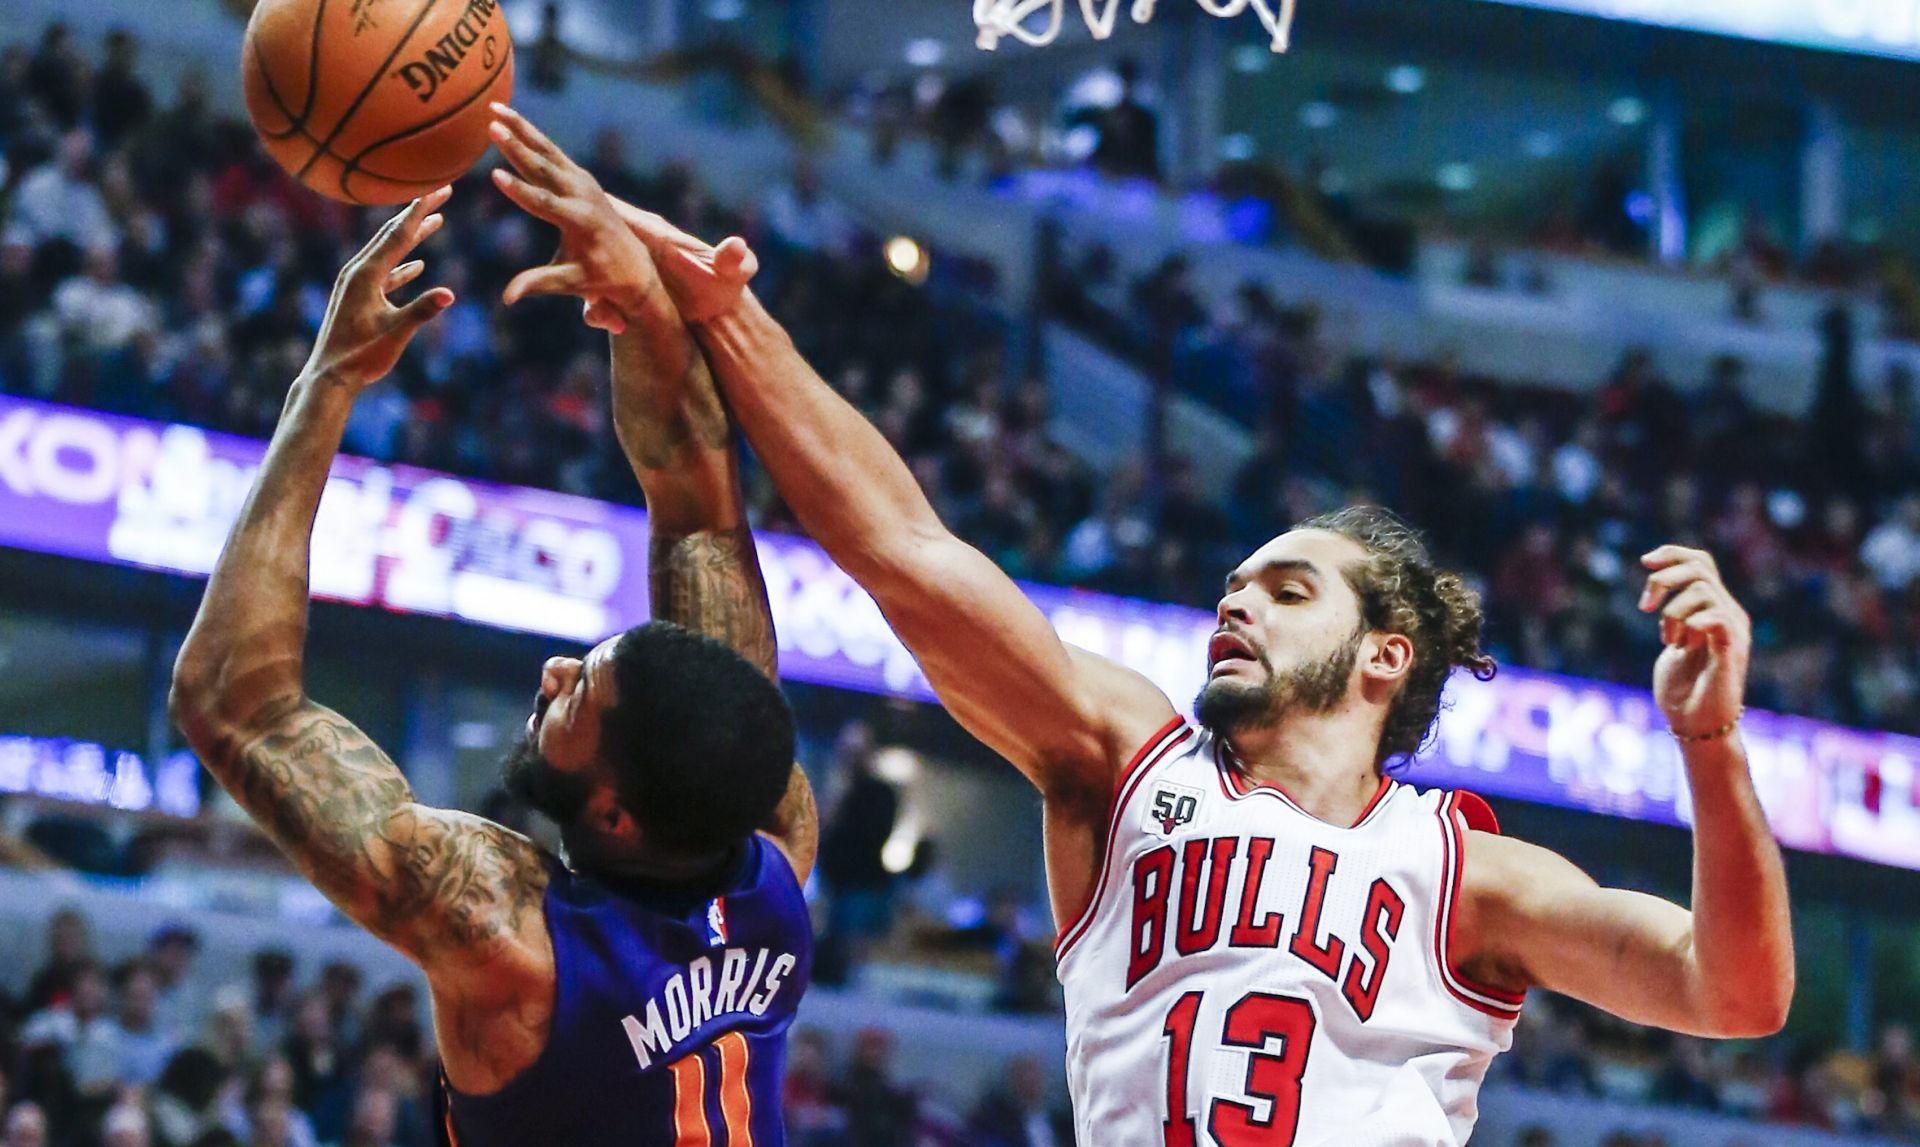 NBA Sunsi pobjedili Bullse u zadnjoj sekundi